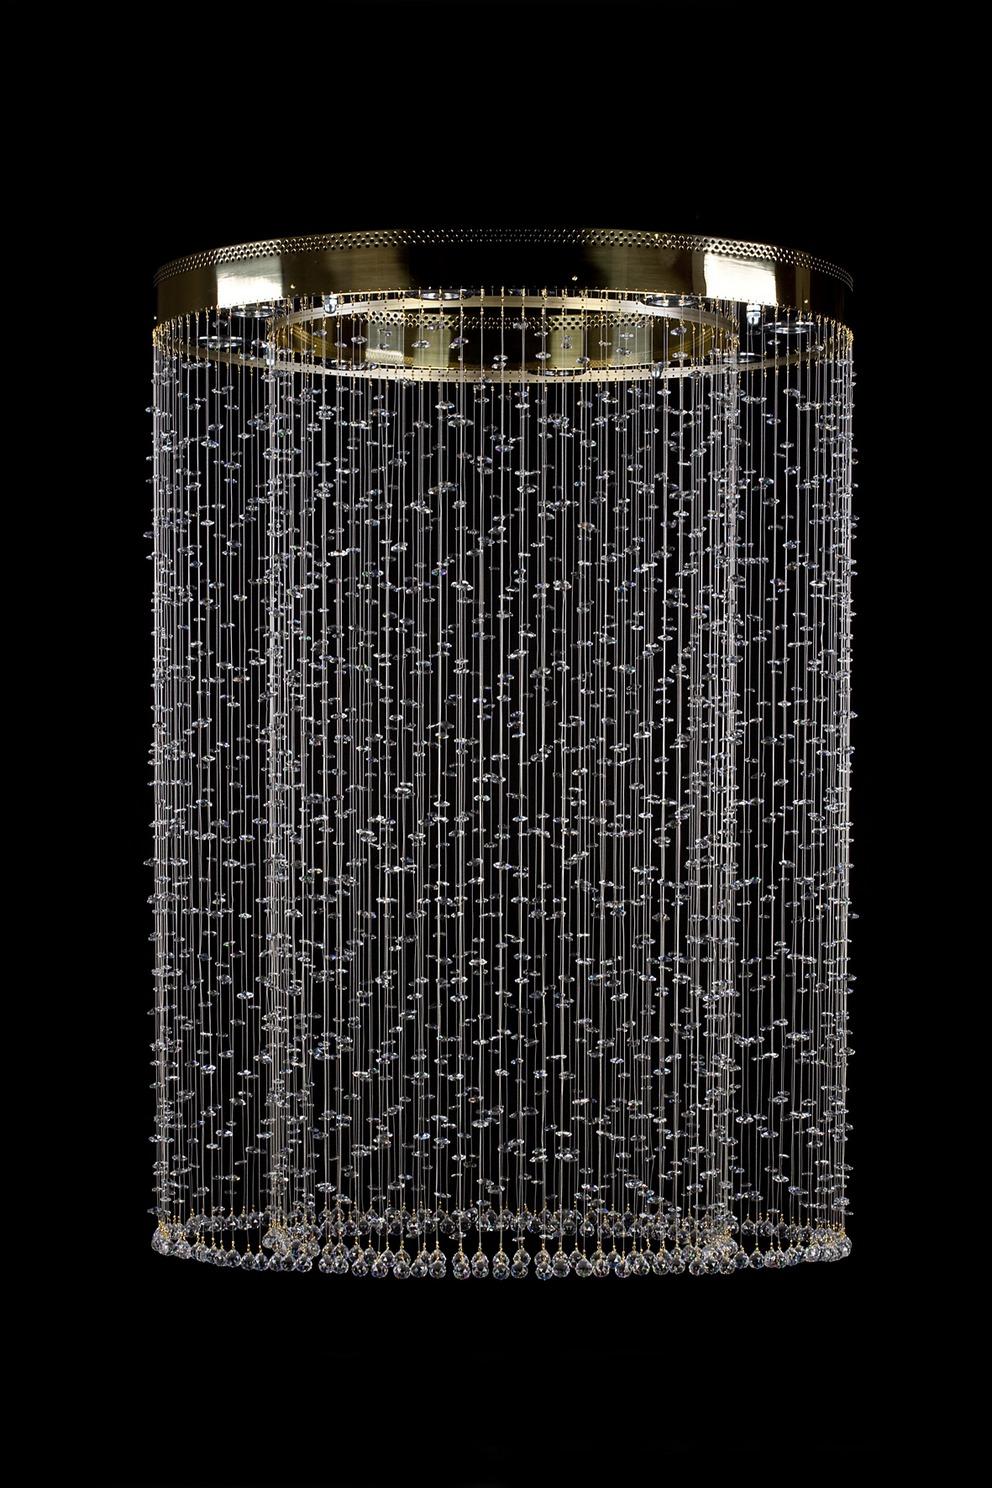 moderne kristall kronleuchter 1l464ce8 90x129 cm 8 lichter vergoldet art jbc moderne. Black Bedroom Furniture Sets. Home Design Ideas